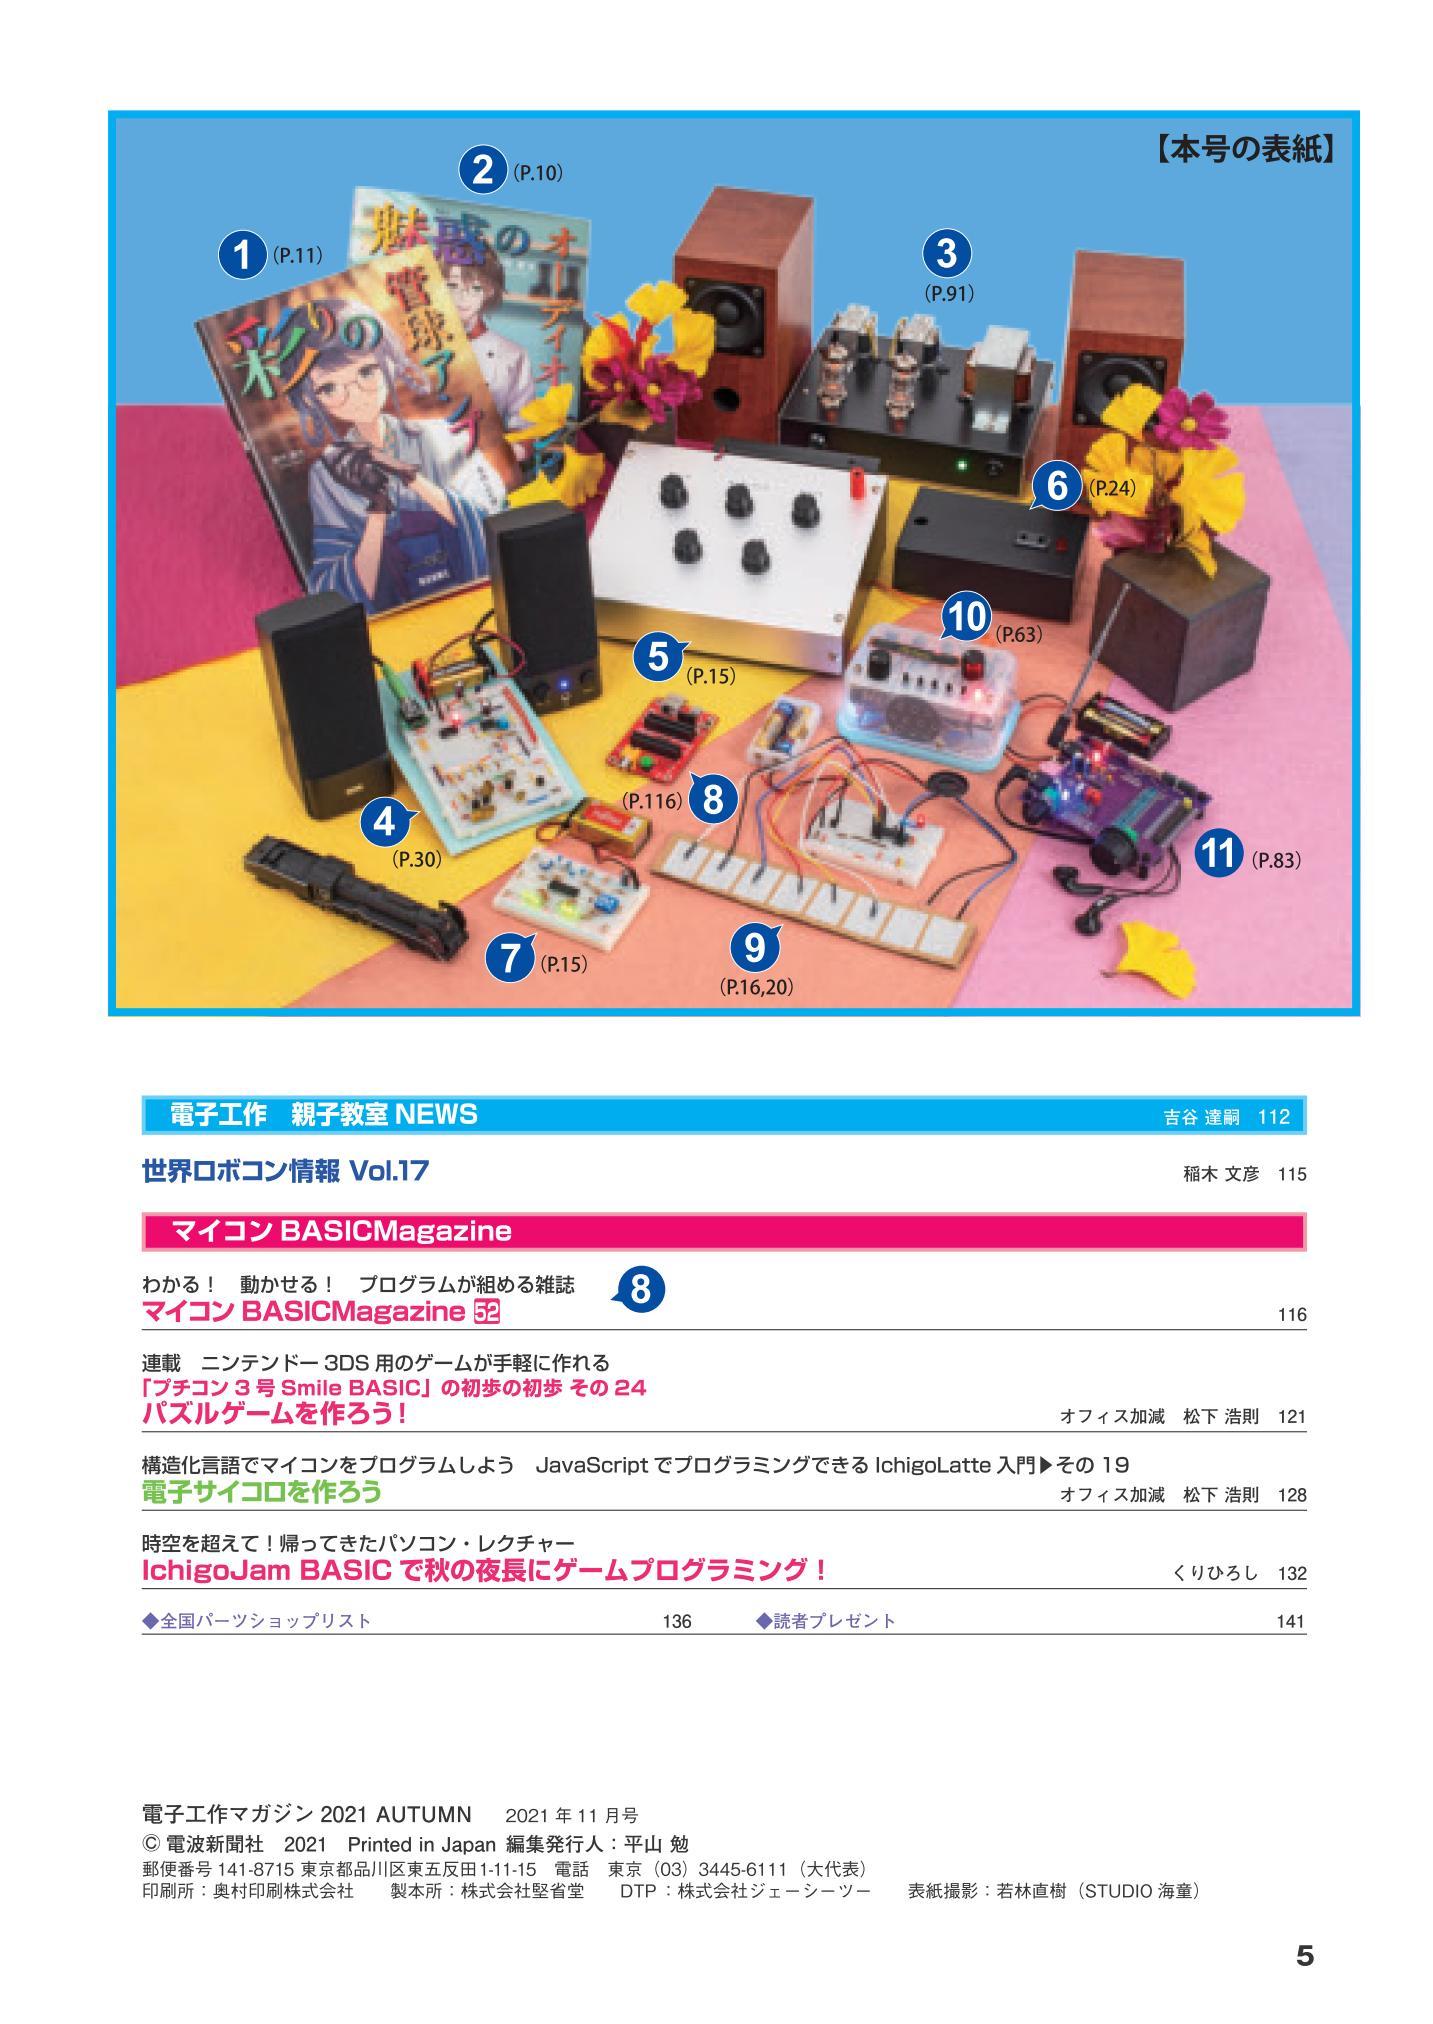 電子工作マガジン 2021 AUTUMN 目次2